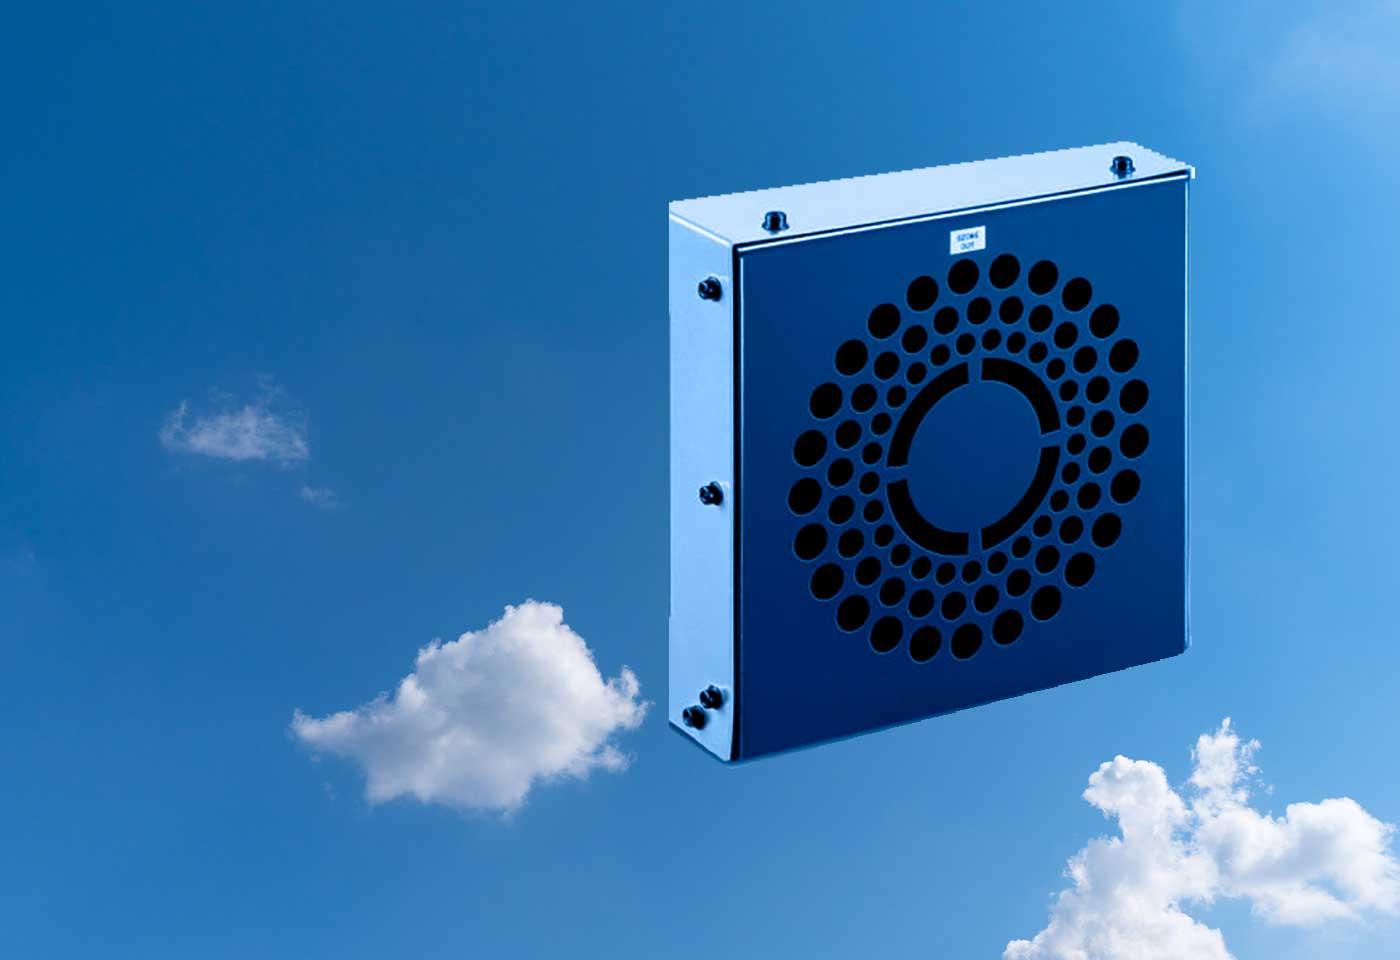 Nuestro MGVK es un cañón de ozono capaz de desinfectar ambientes y superficies.